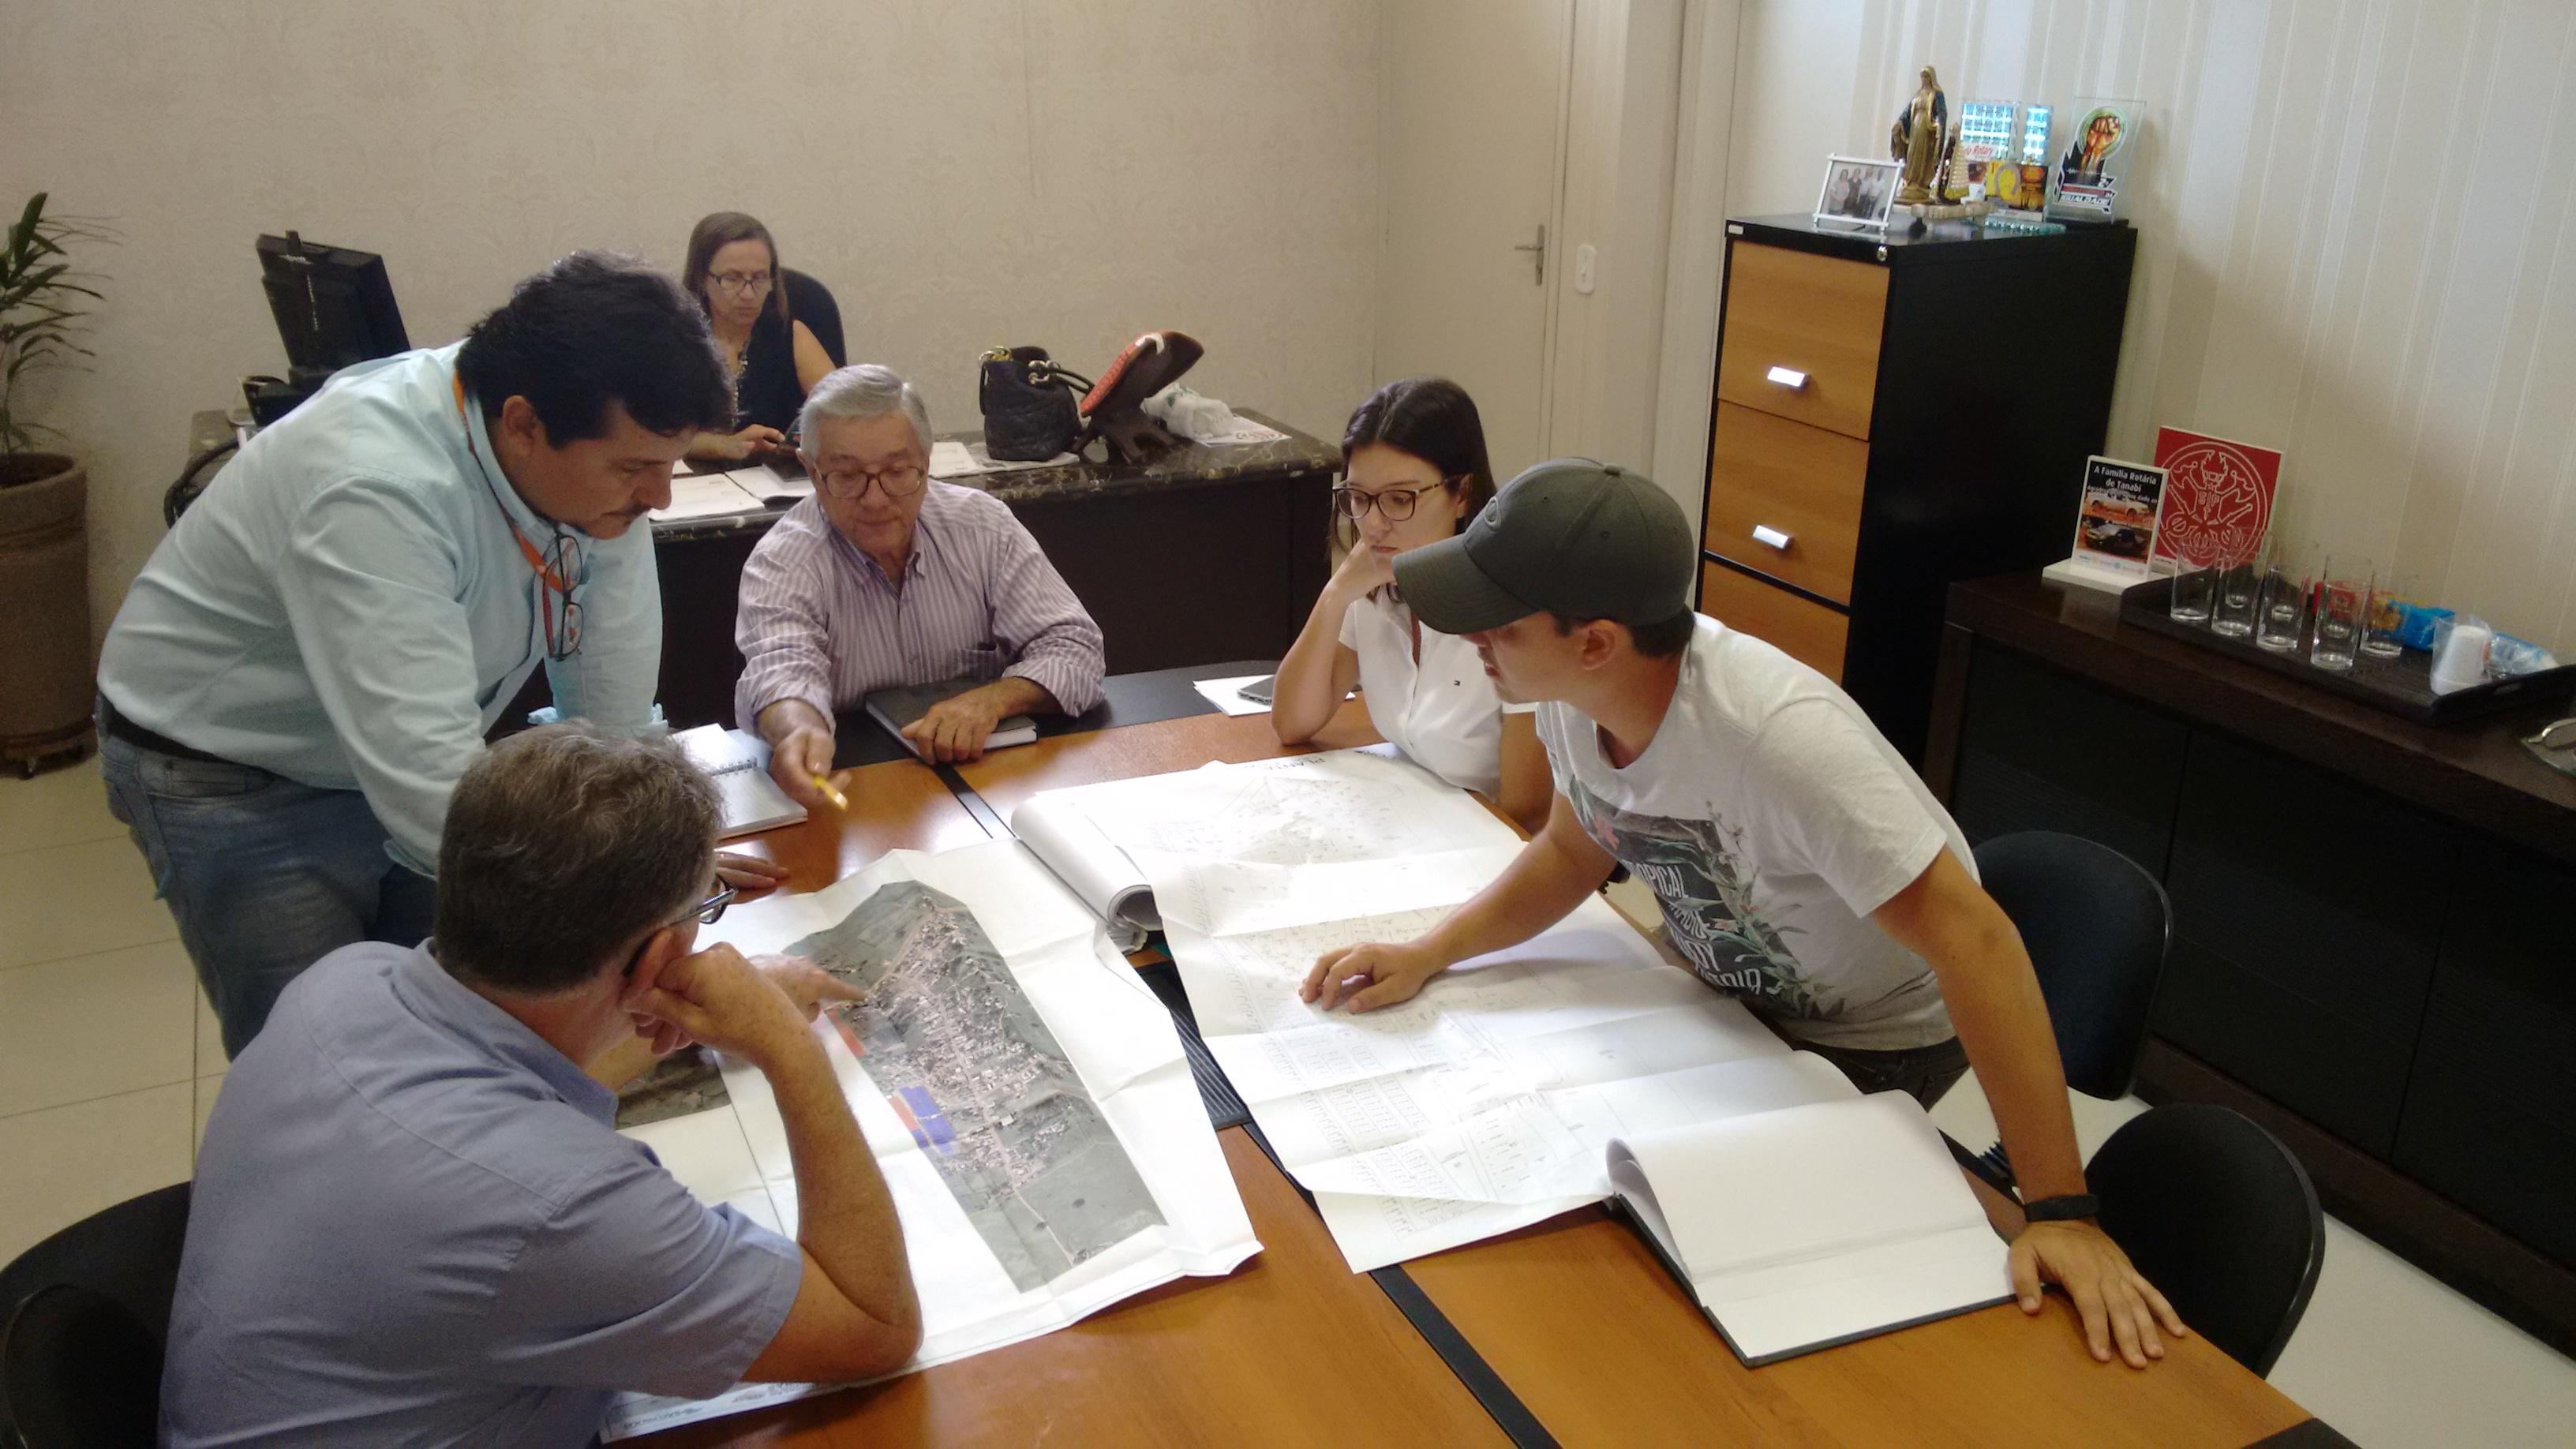 Prefeitura de Tanabi e ITESP iniciam levantamento topográfico para regularização do bairro Sitio do Estado